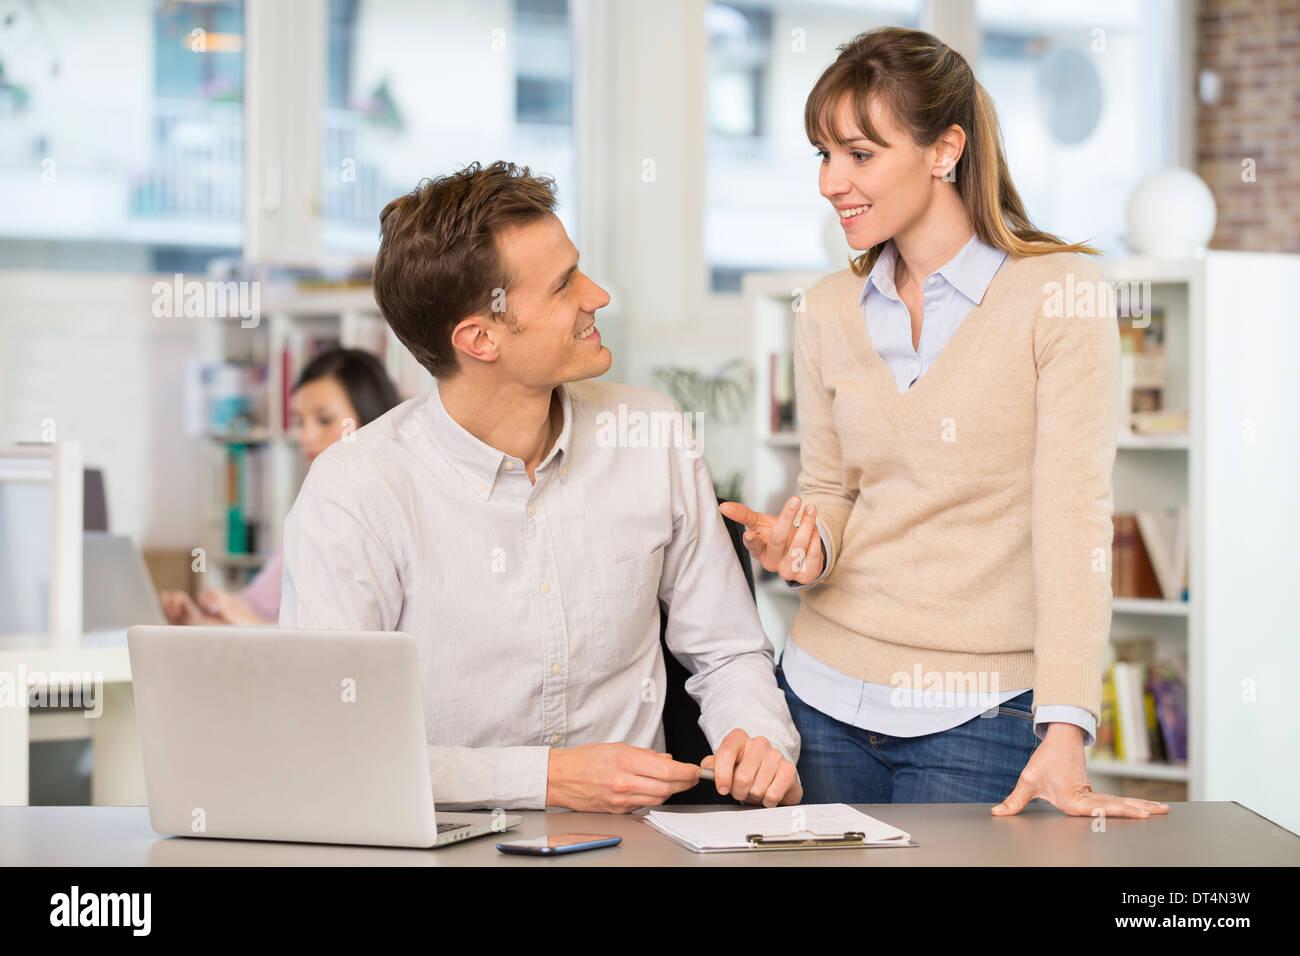 Businesswoman businessman cheerful desk speak - Stock Image